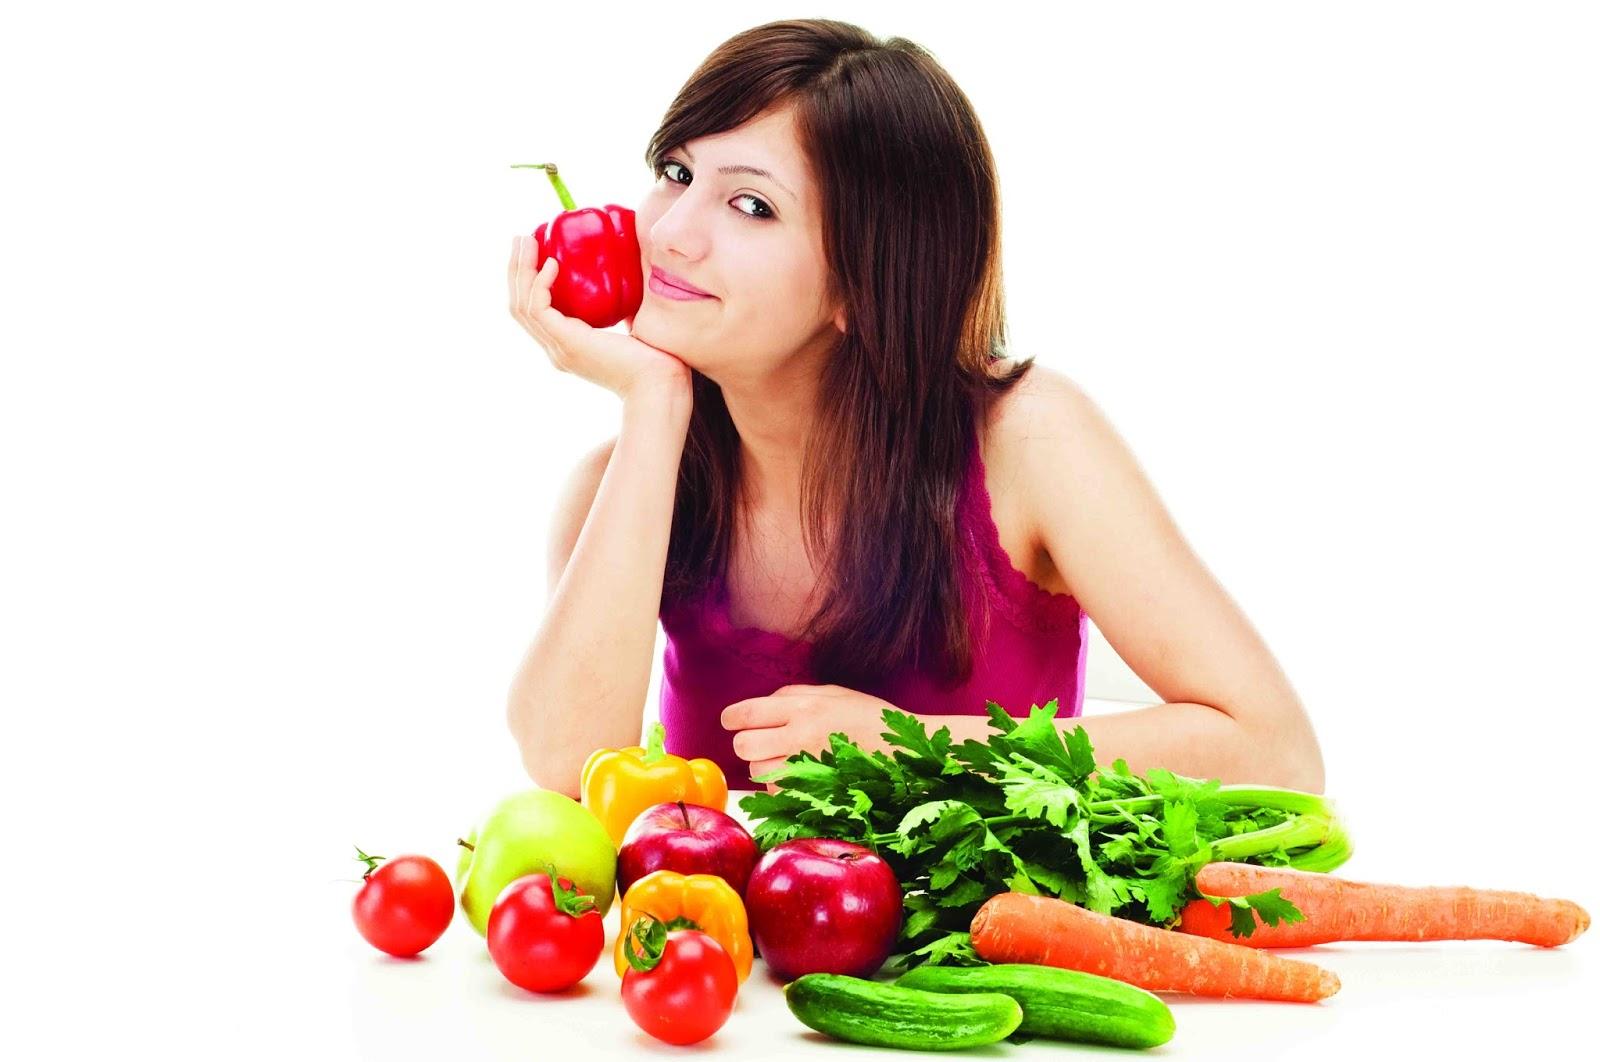 Để ngăn ngừa nám da bạn nên giữ thói quen ăn uống lành mạnh